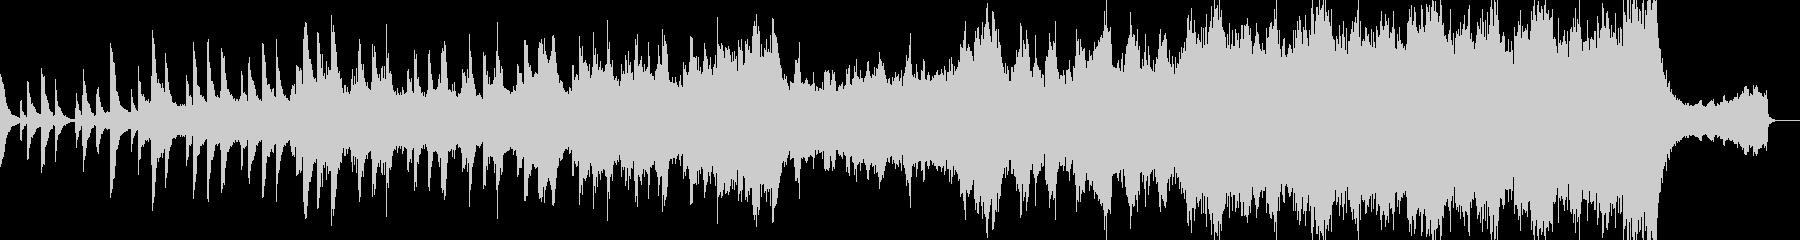 シリアスなストリングスBGMの未再生の波形